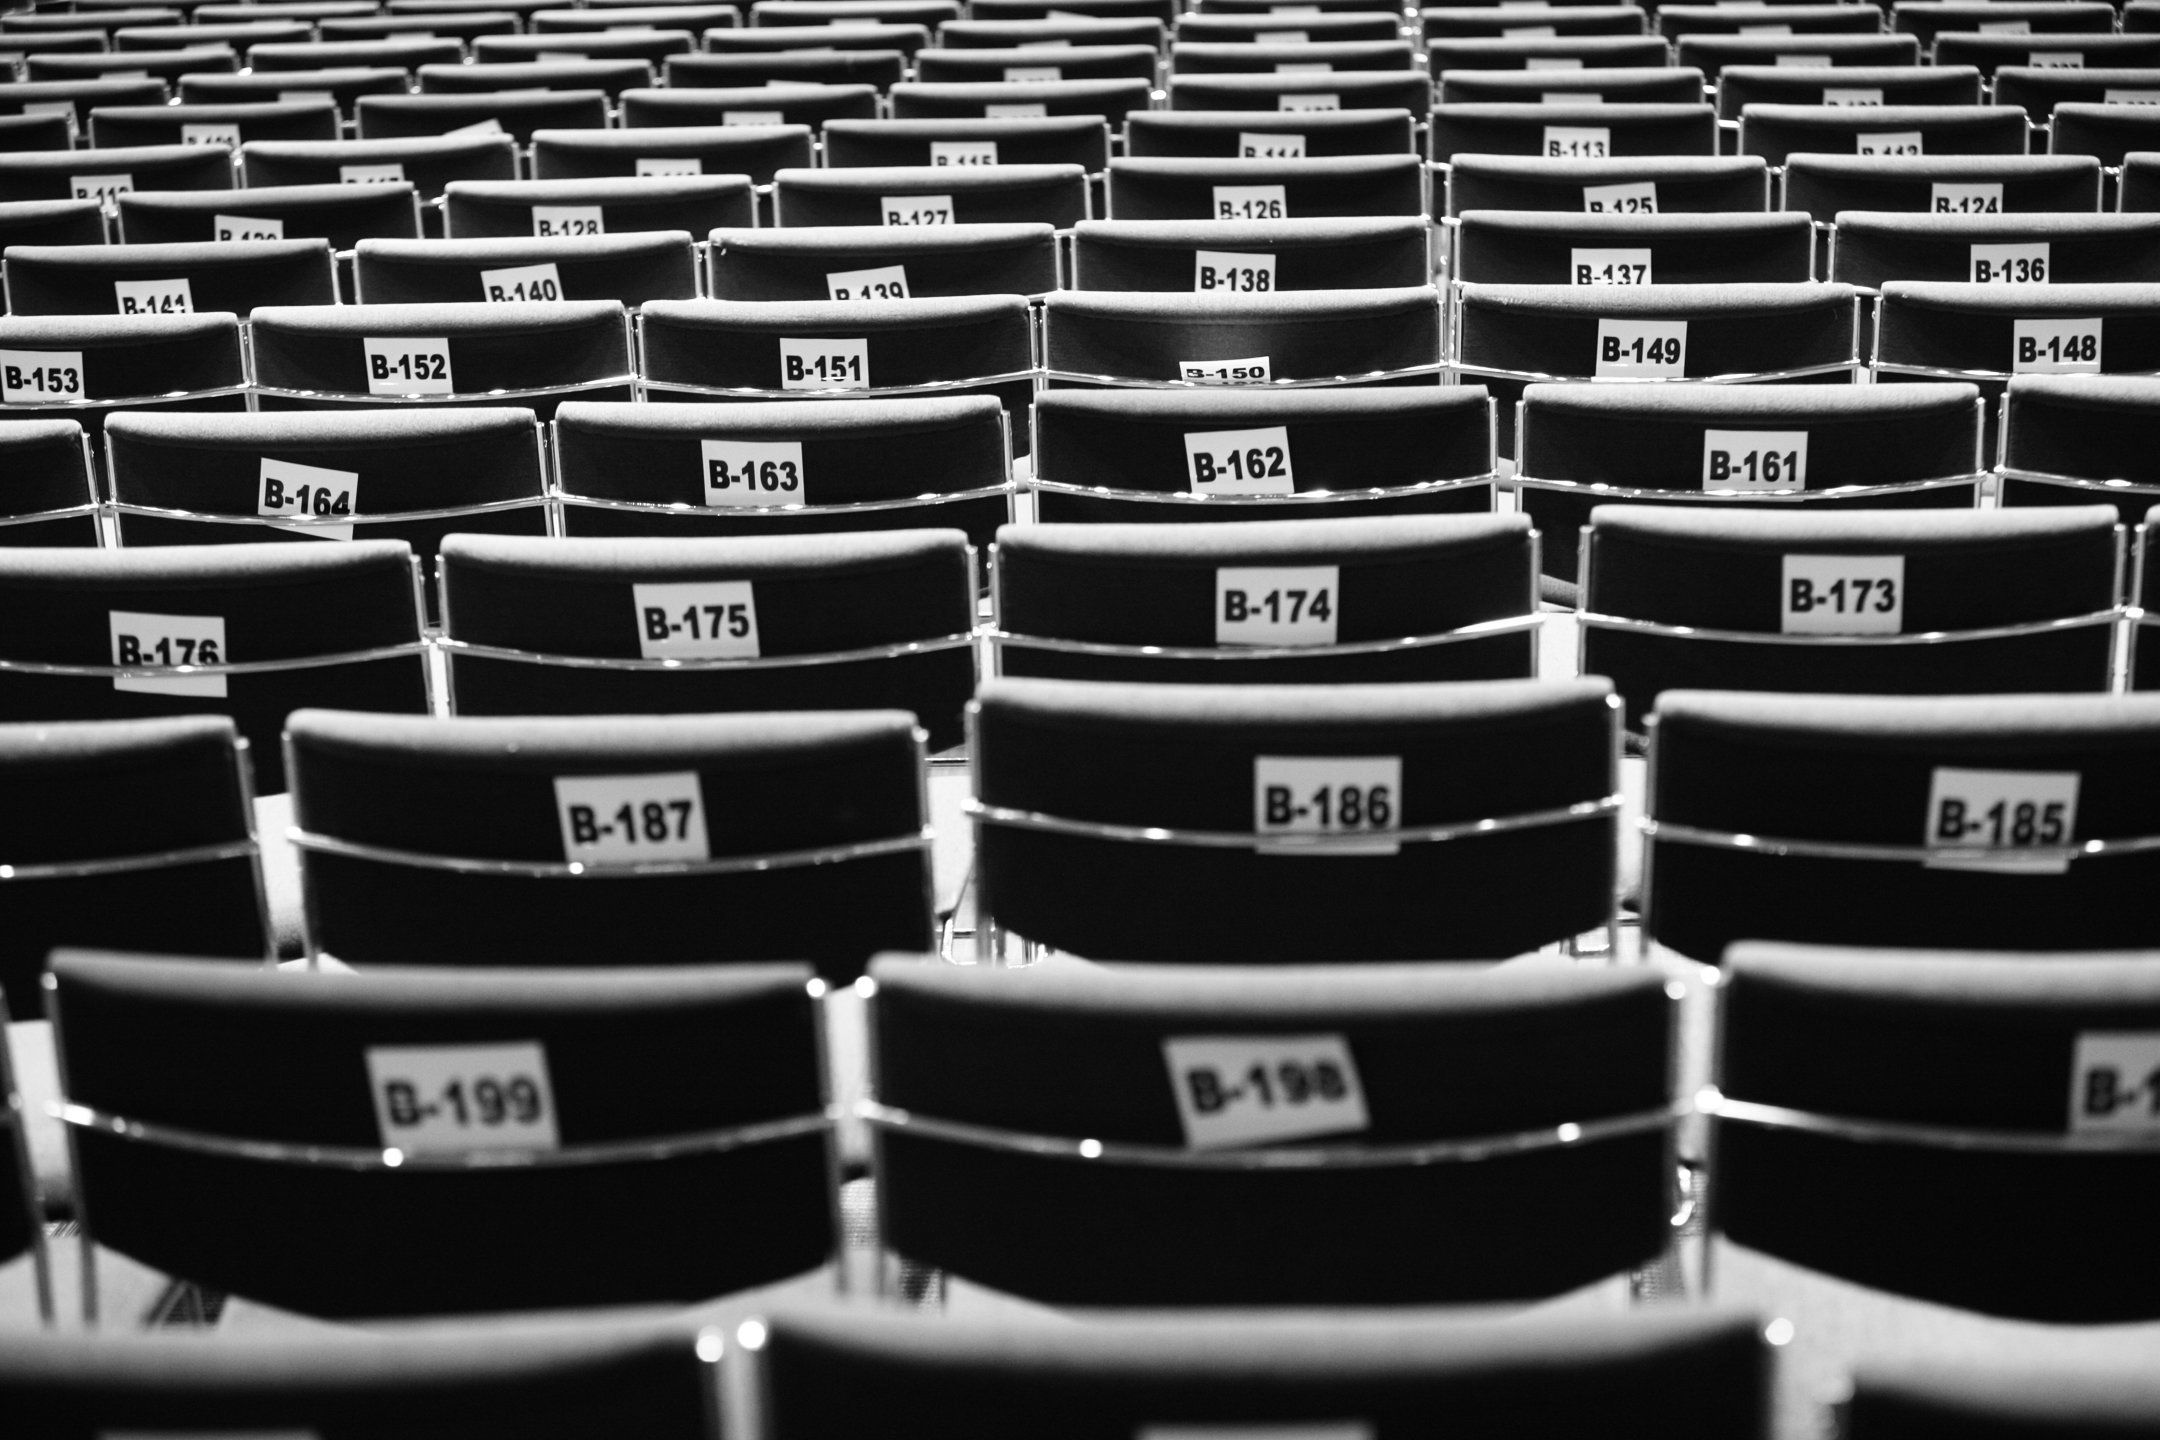 Chairs_1.jpg